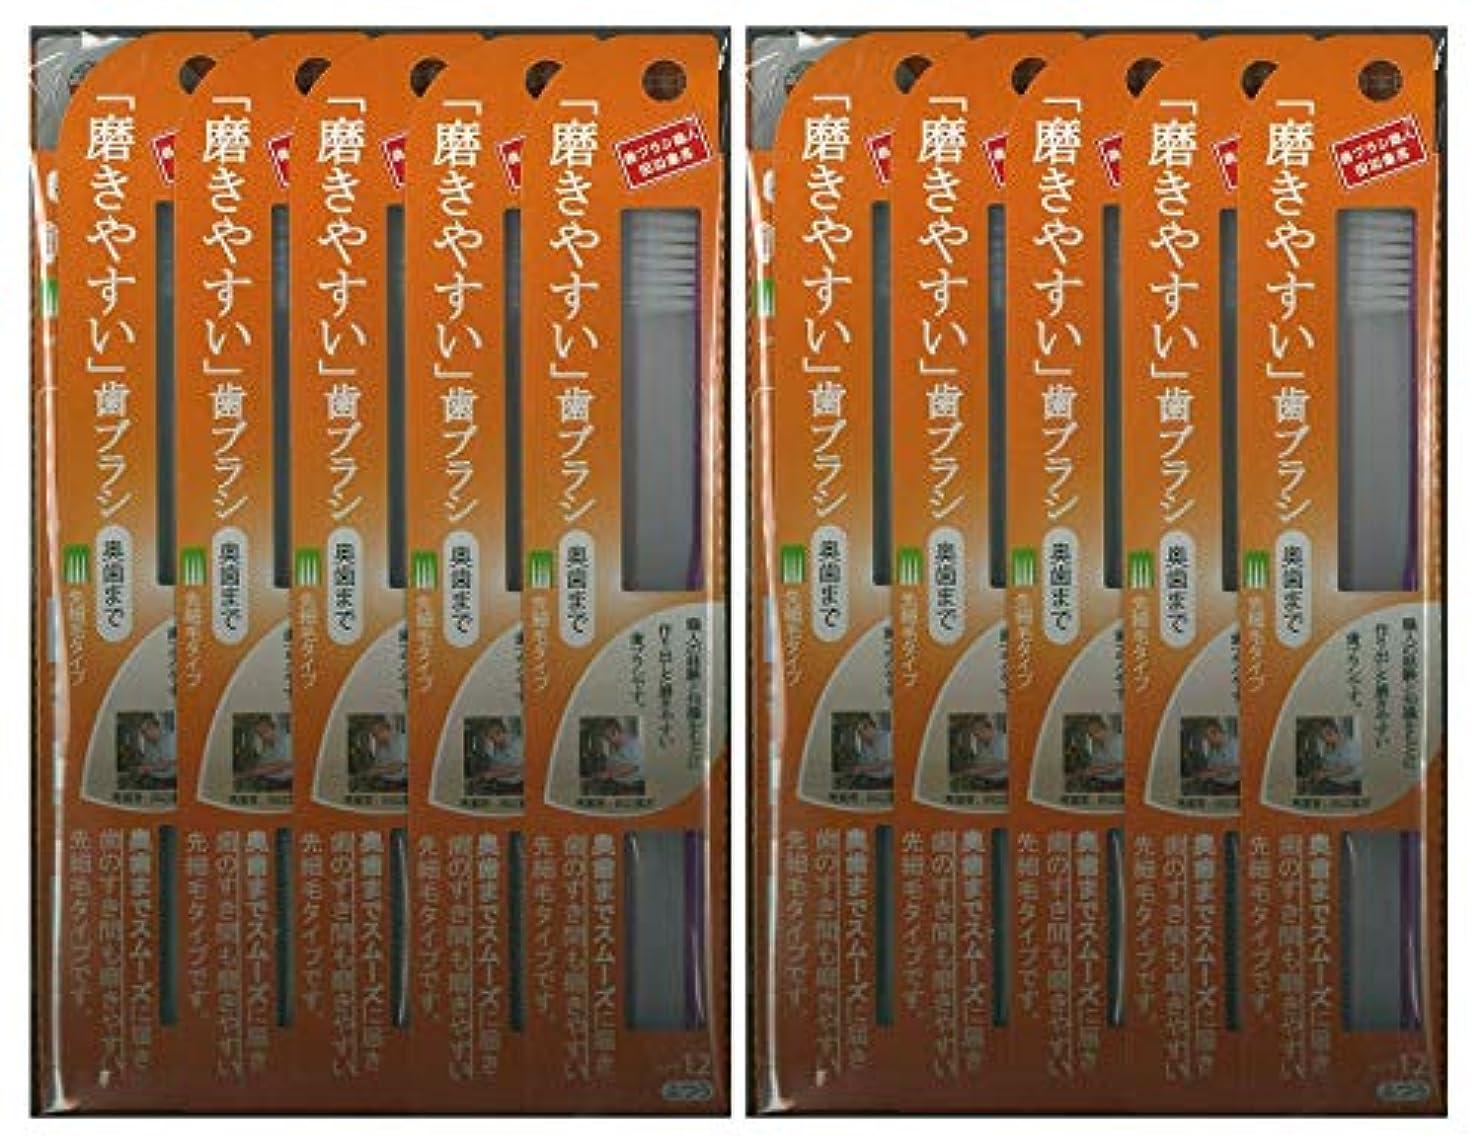 懸念ギャンブル読み書きのできない歯ブラシ職人 田辺重吉考案 磨きやすい歯ブラシ ふつう (奥歯まで)先細 LT-12 1本入×24本セット